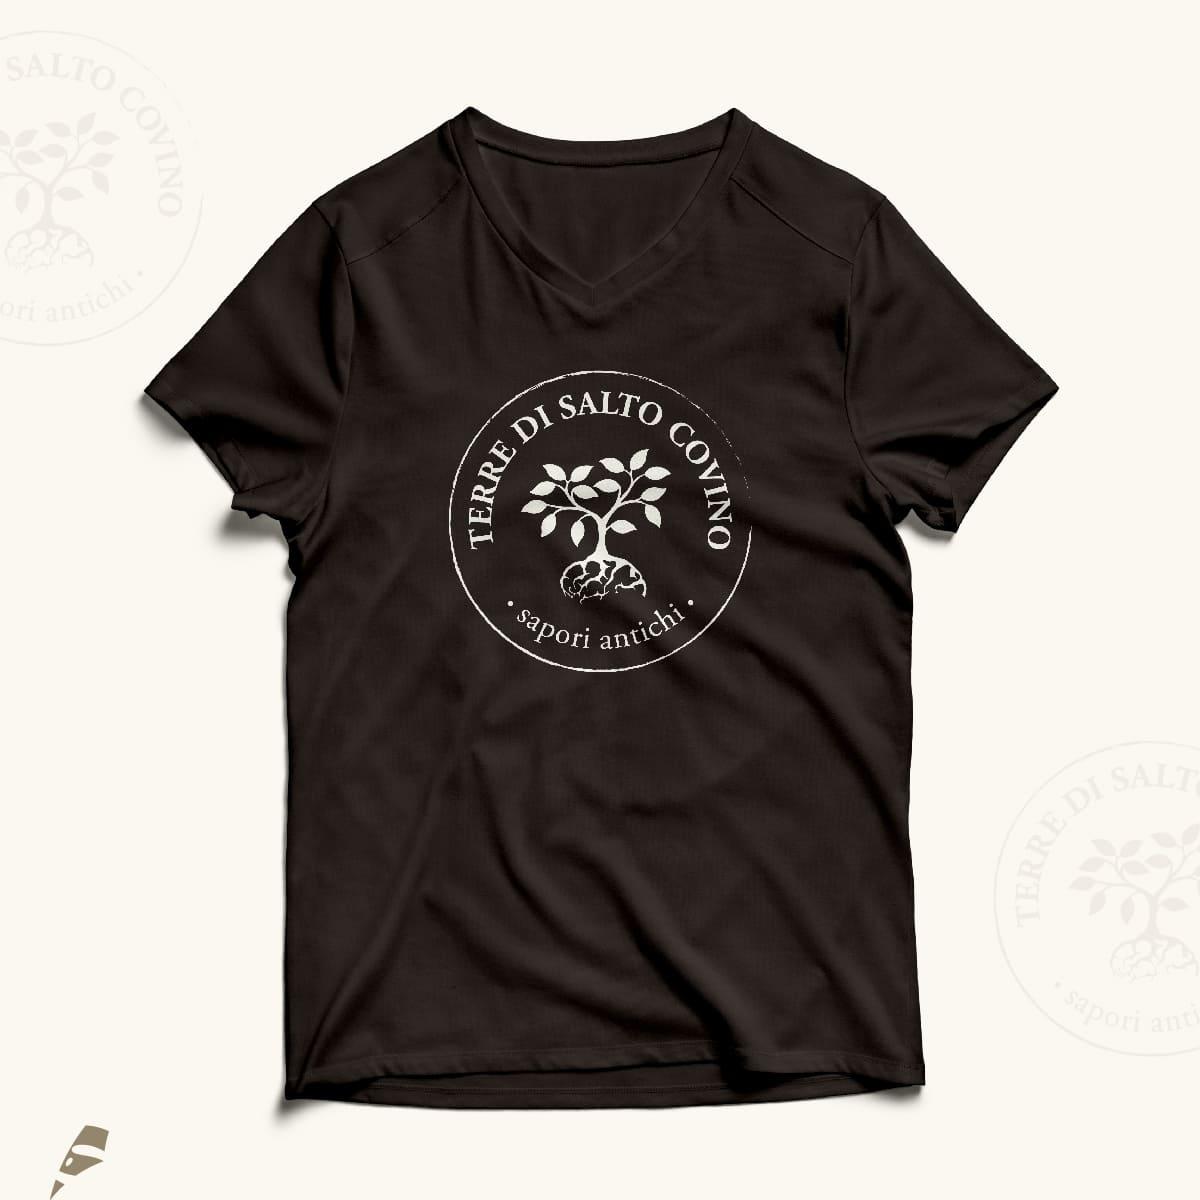 Terra di Salto Covino tshirt - stilographico